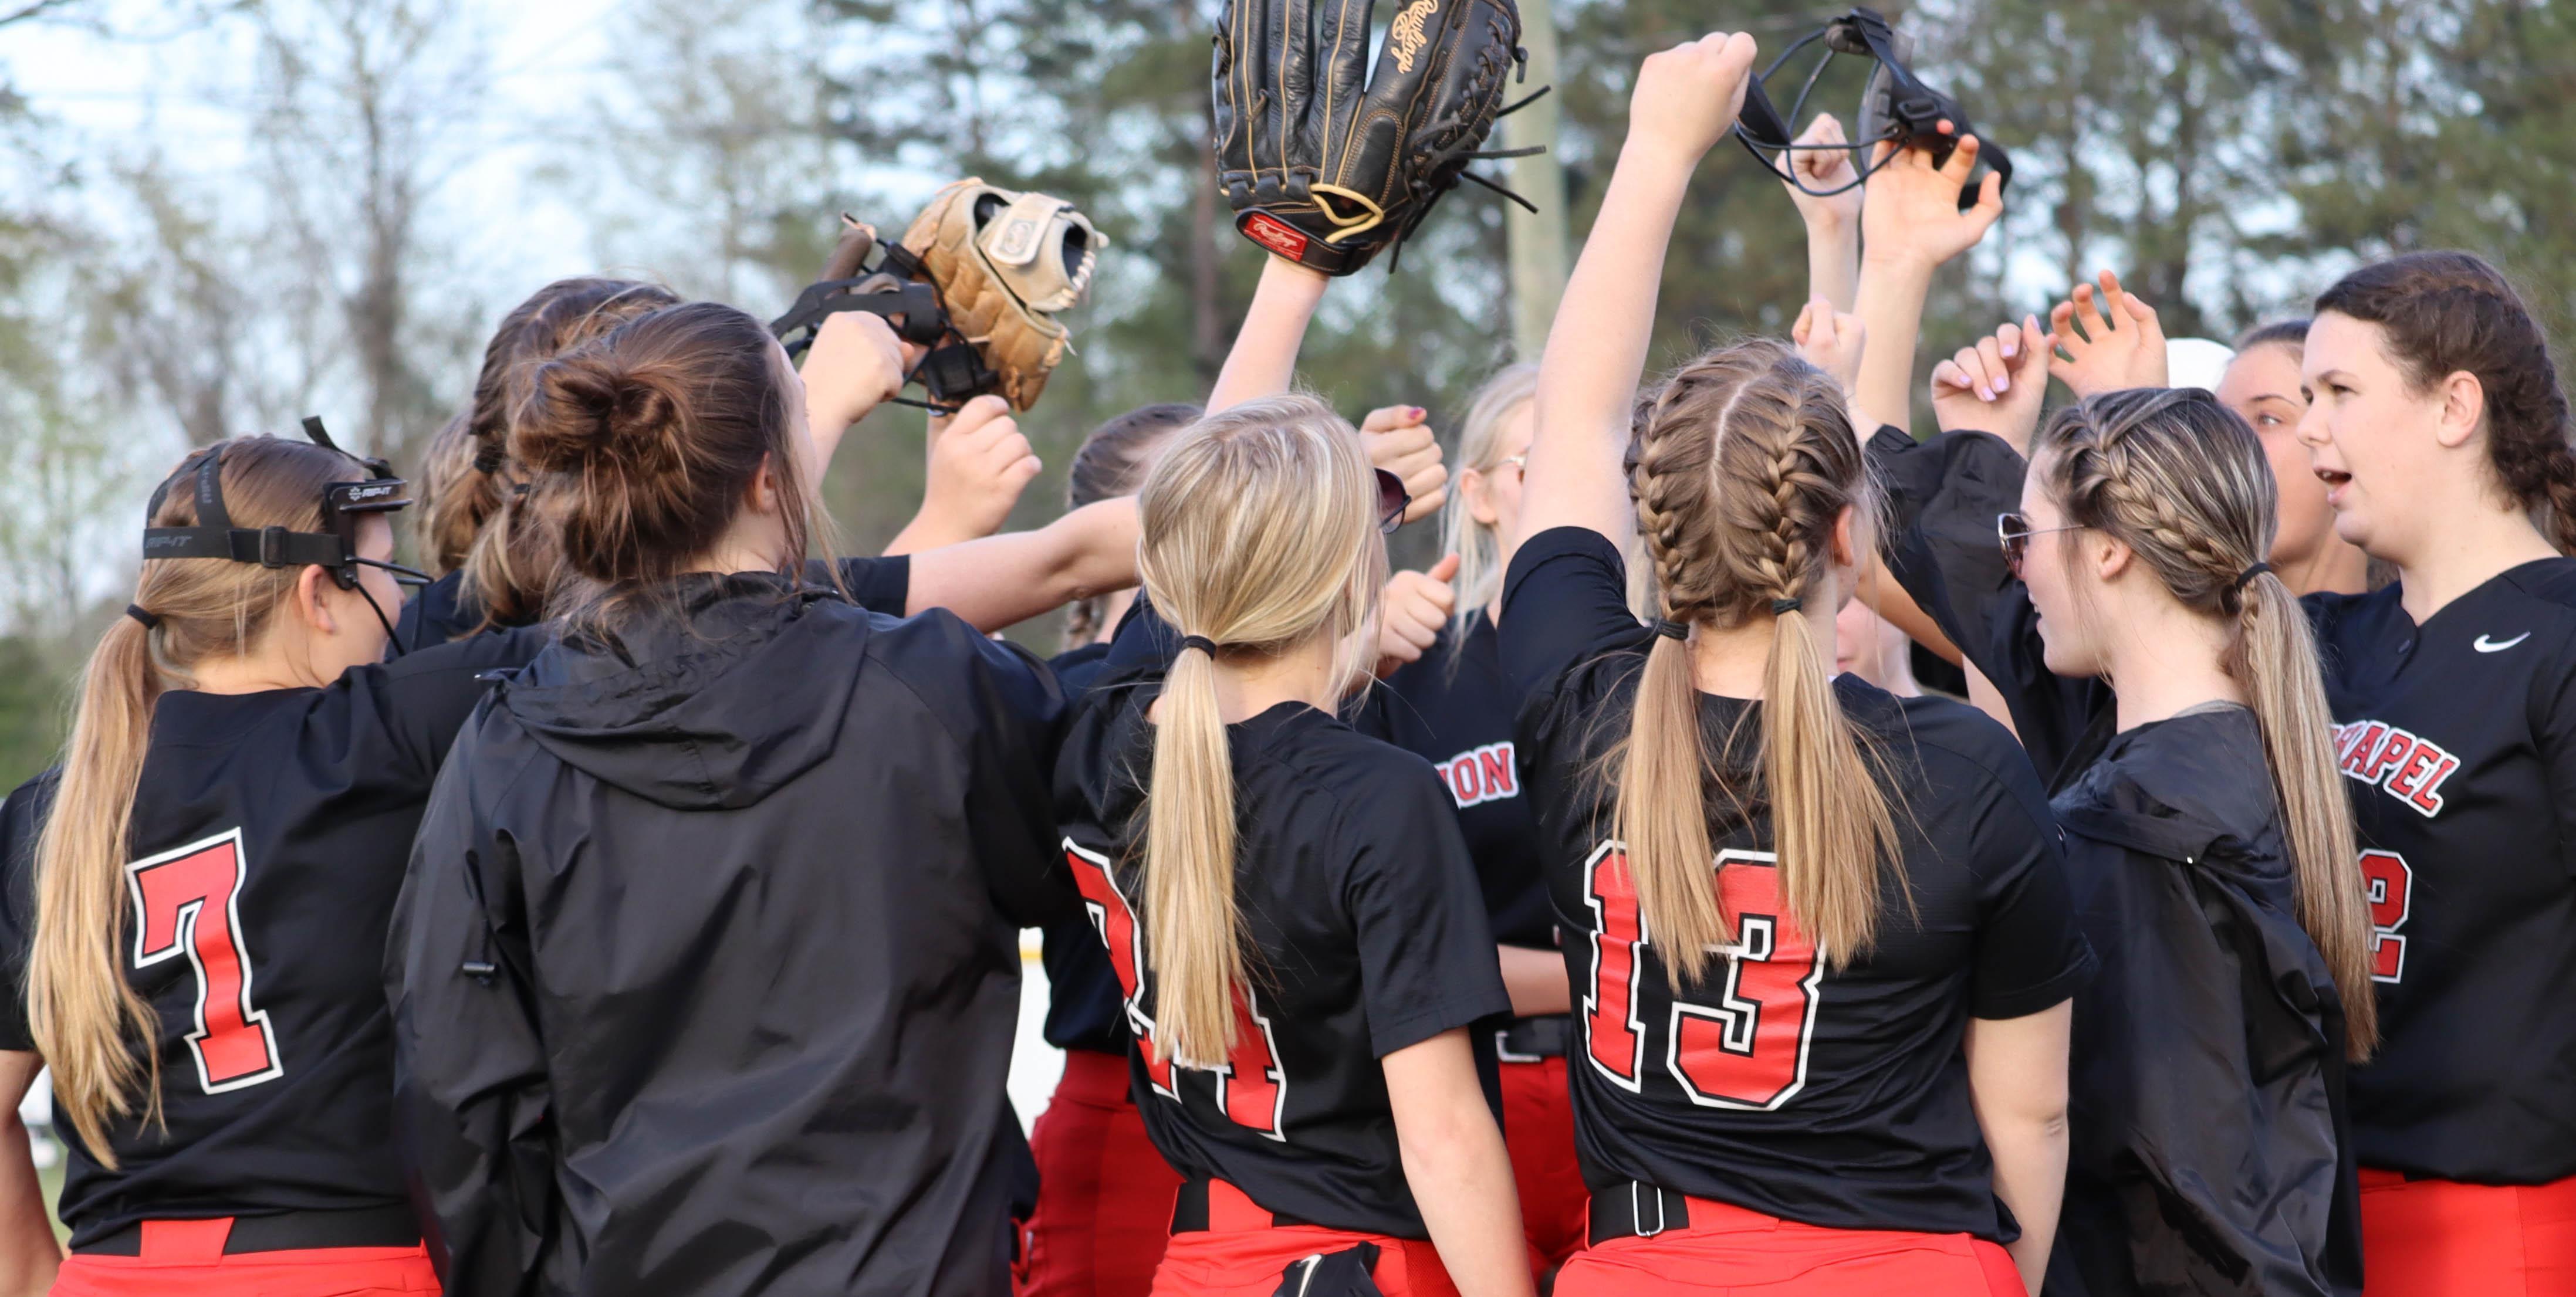 Softball huddle